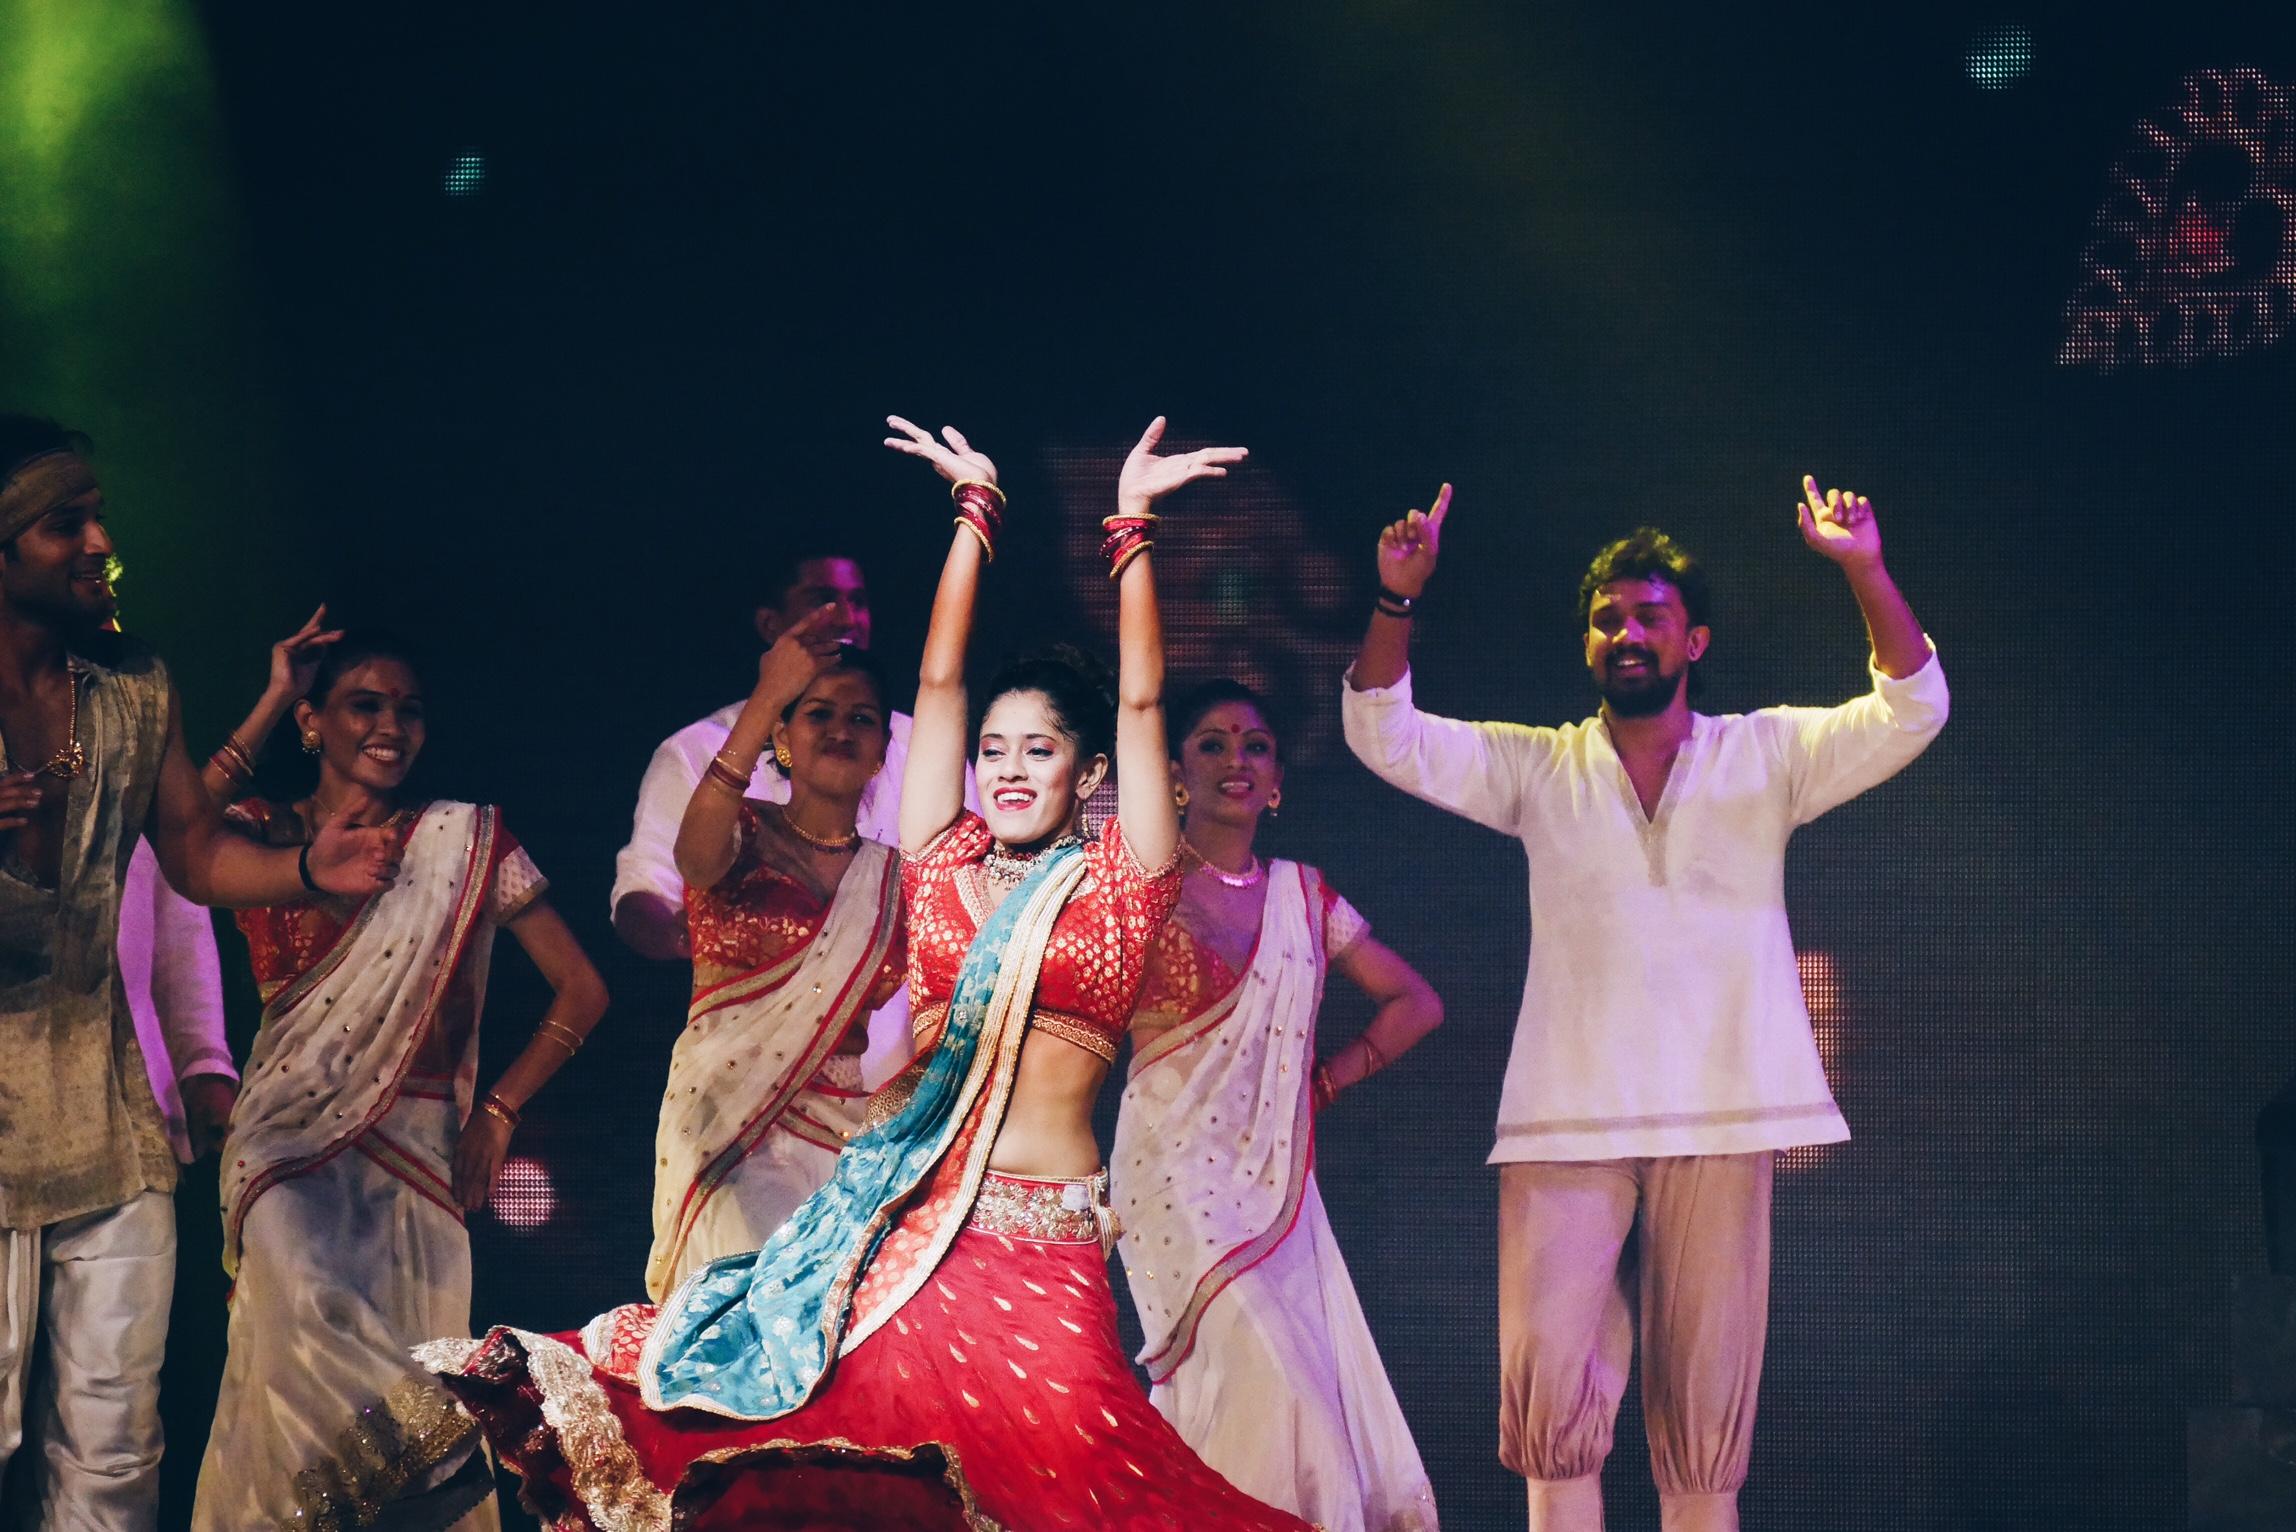 Bharati-2-spectacle-dans-le-palais-des-illusions-salut-scène-grand-rex-paris-photo-usofparis-blog